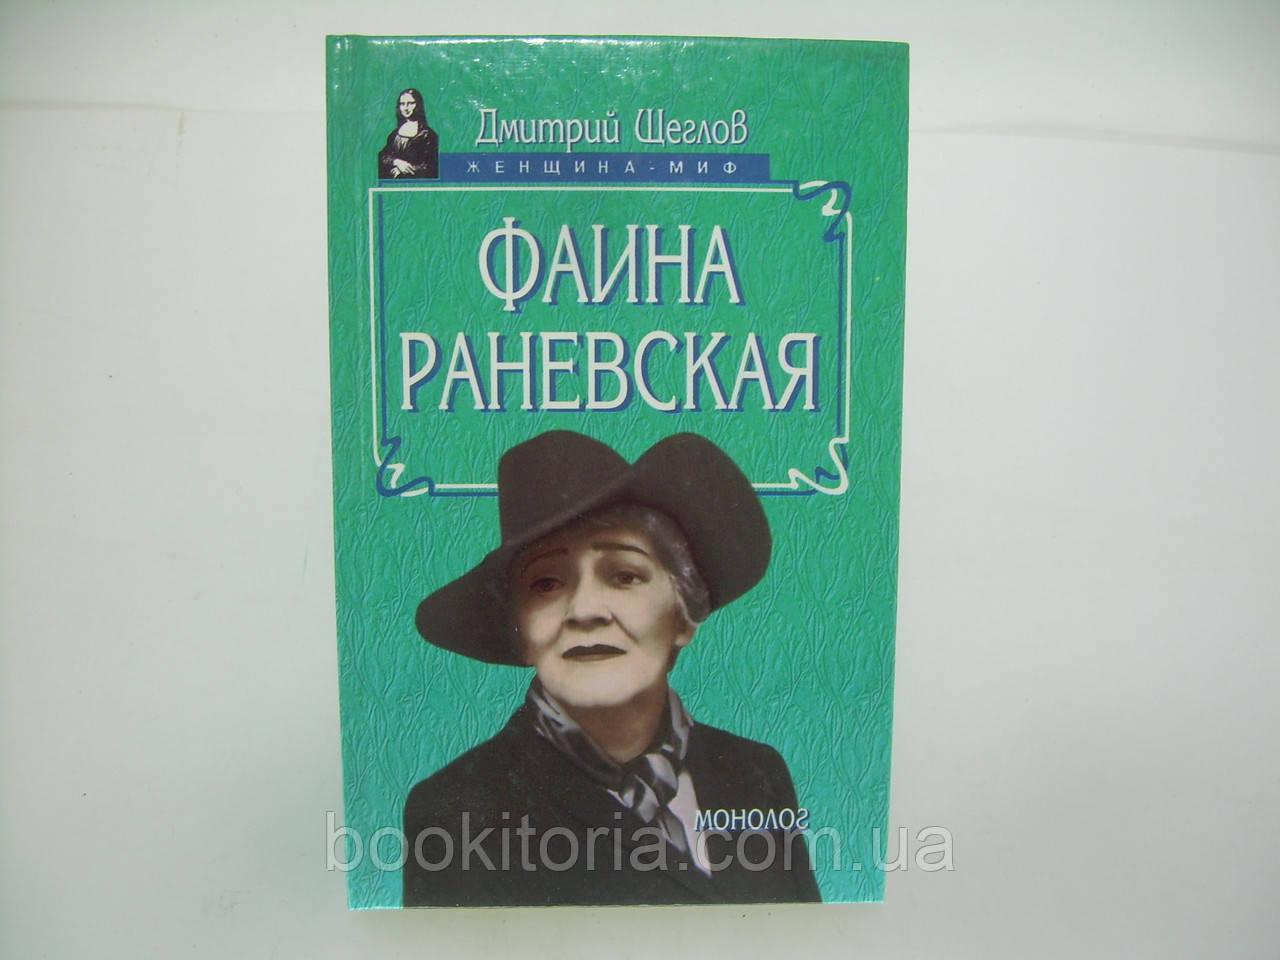 Щеглов Д. Фаина Раневская. Монолог (б/у).